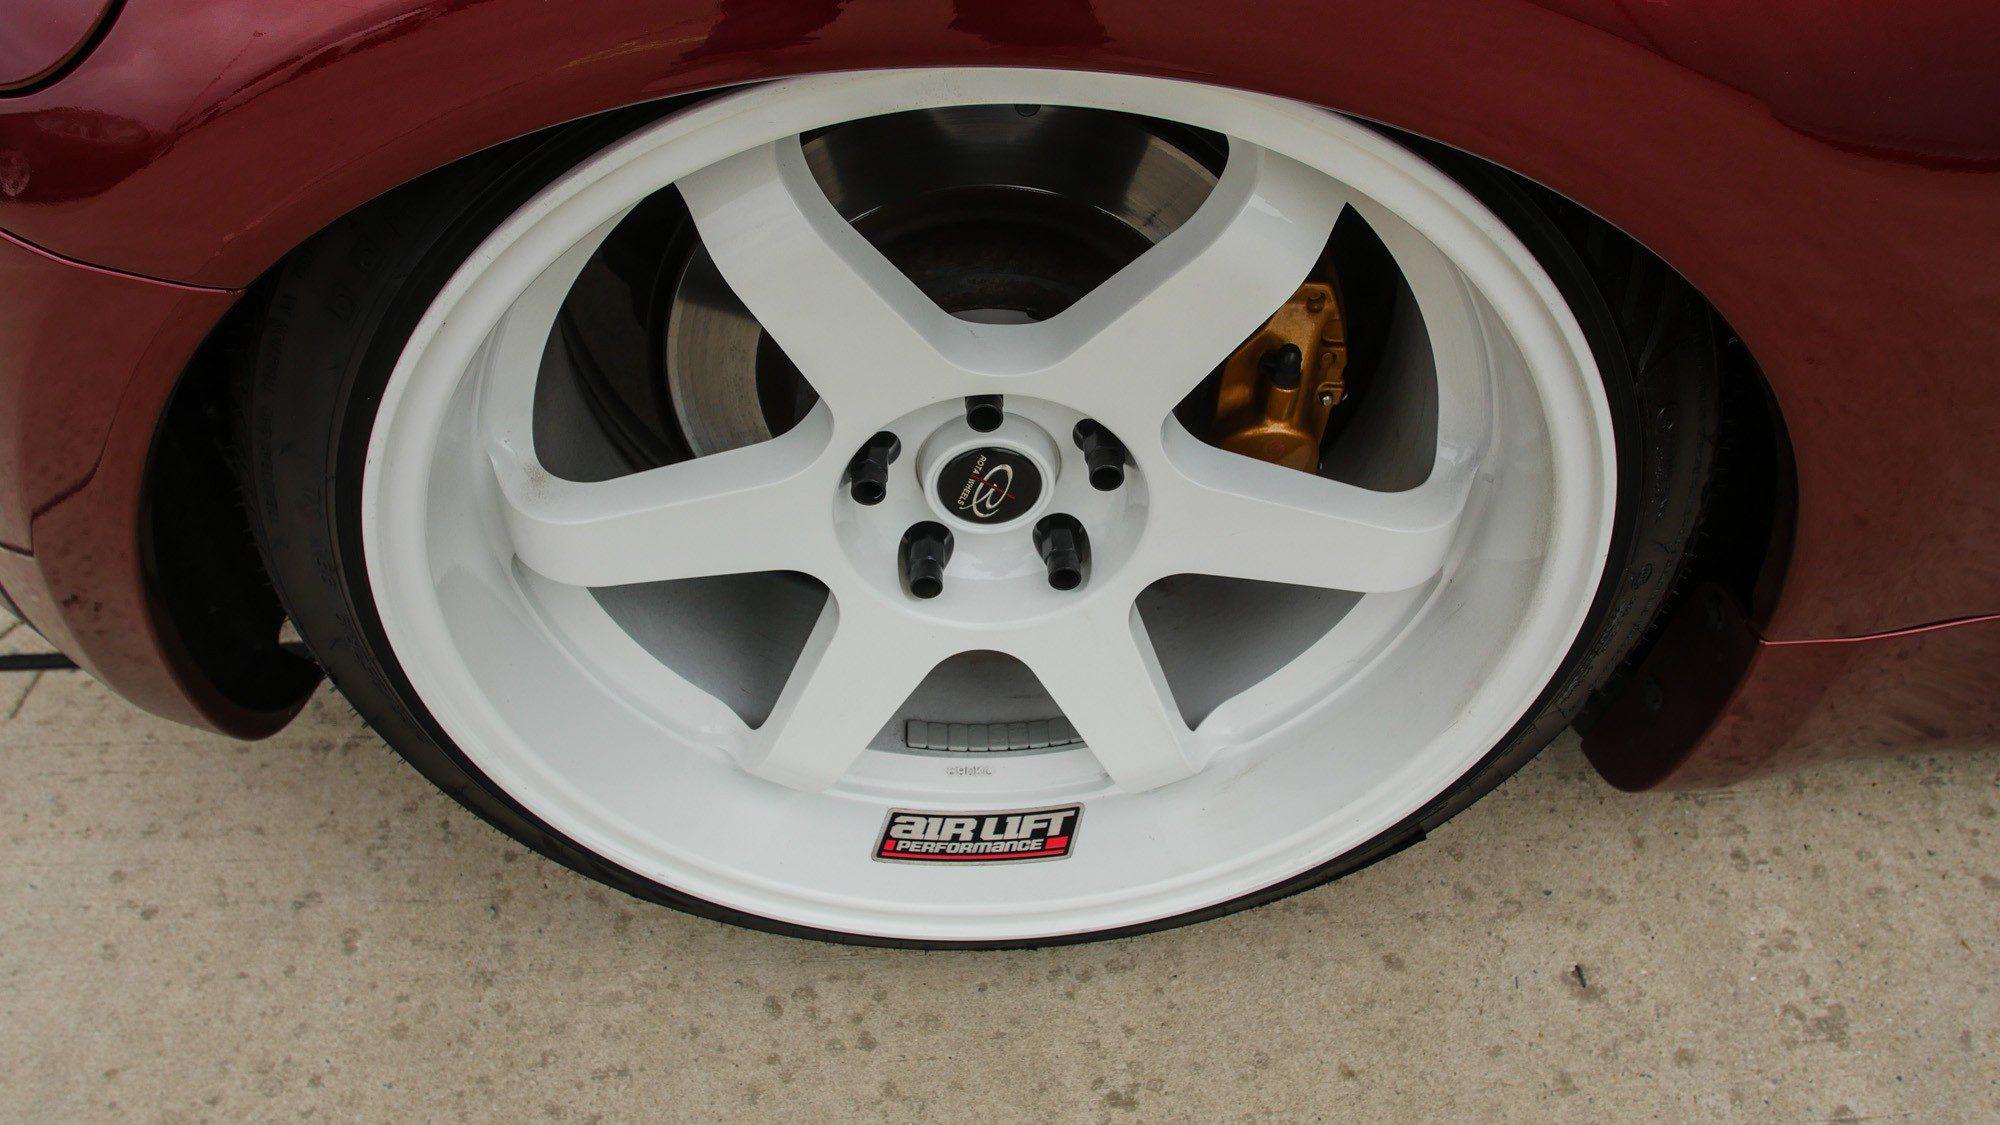 Die Rota Wheels auf dem Nissan 350 Z sorgen für einen tollen Kontrast.